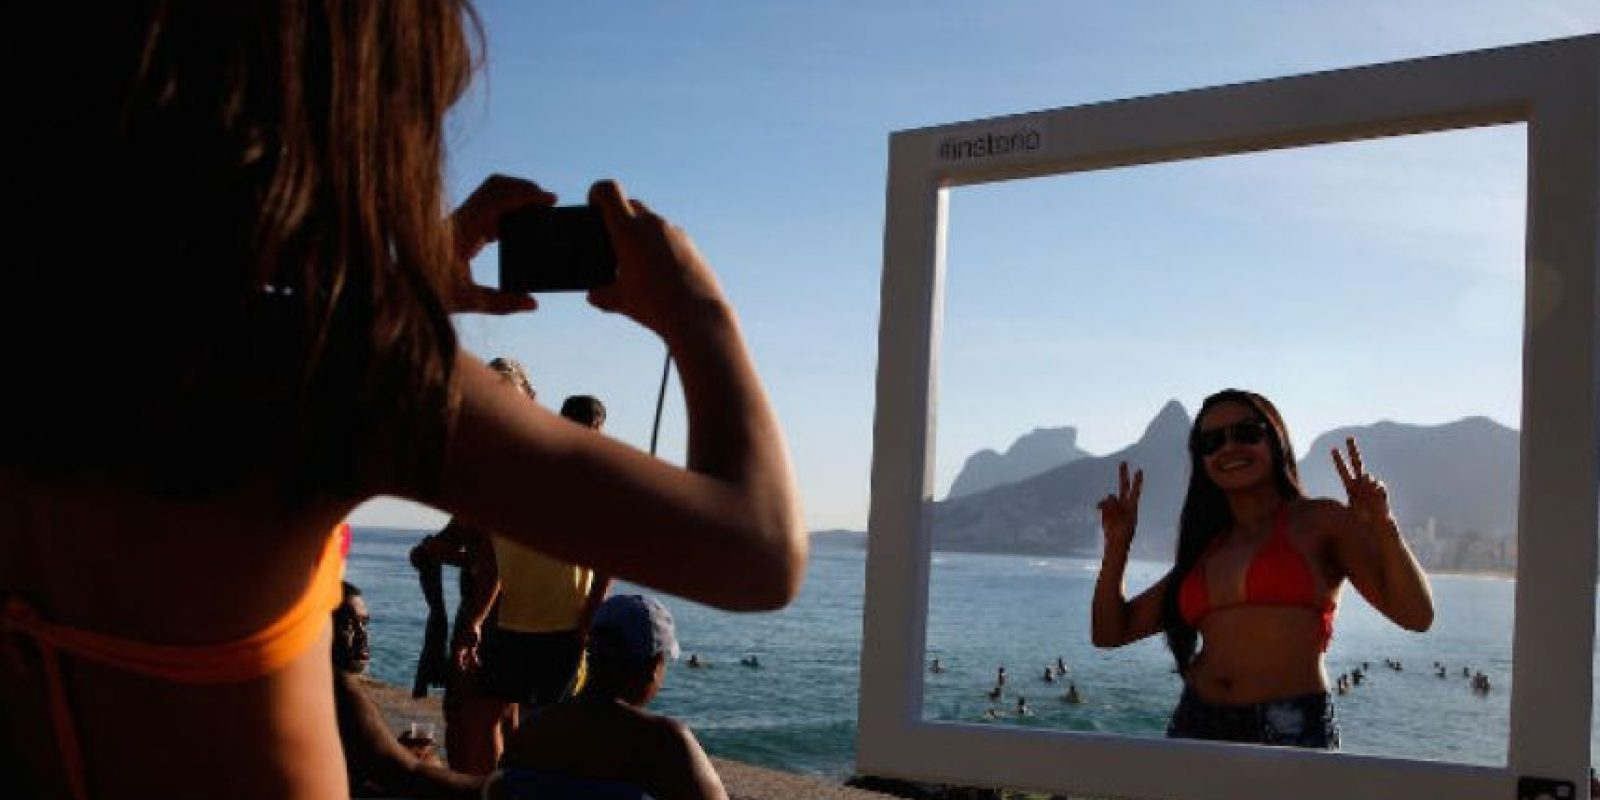 Desde hoy podrán compartir sus mejores fotos de Instagram en Tinder, sin necesidad de tenerlas en Facebook. Foto:Getty Images